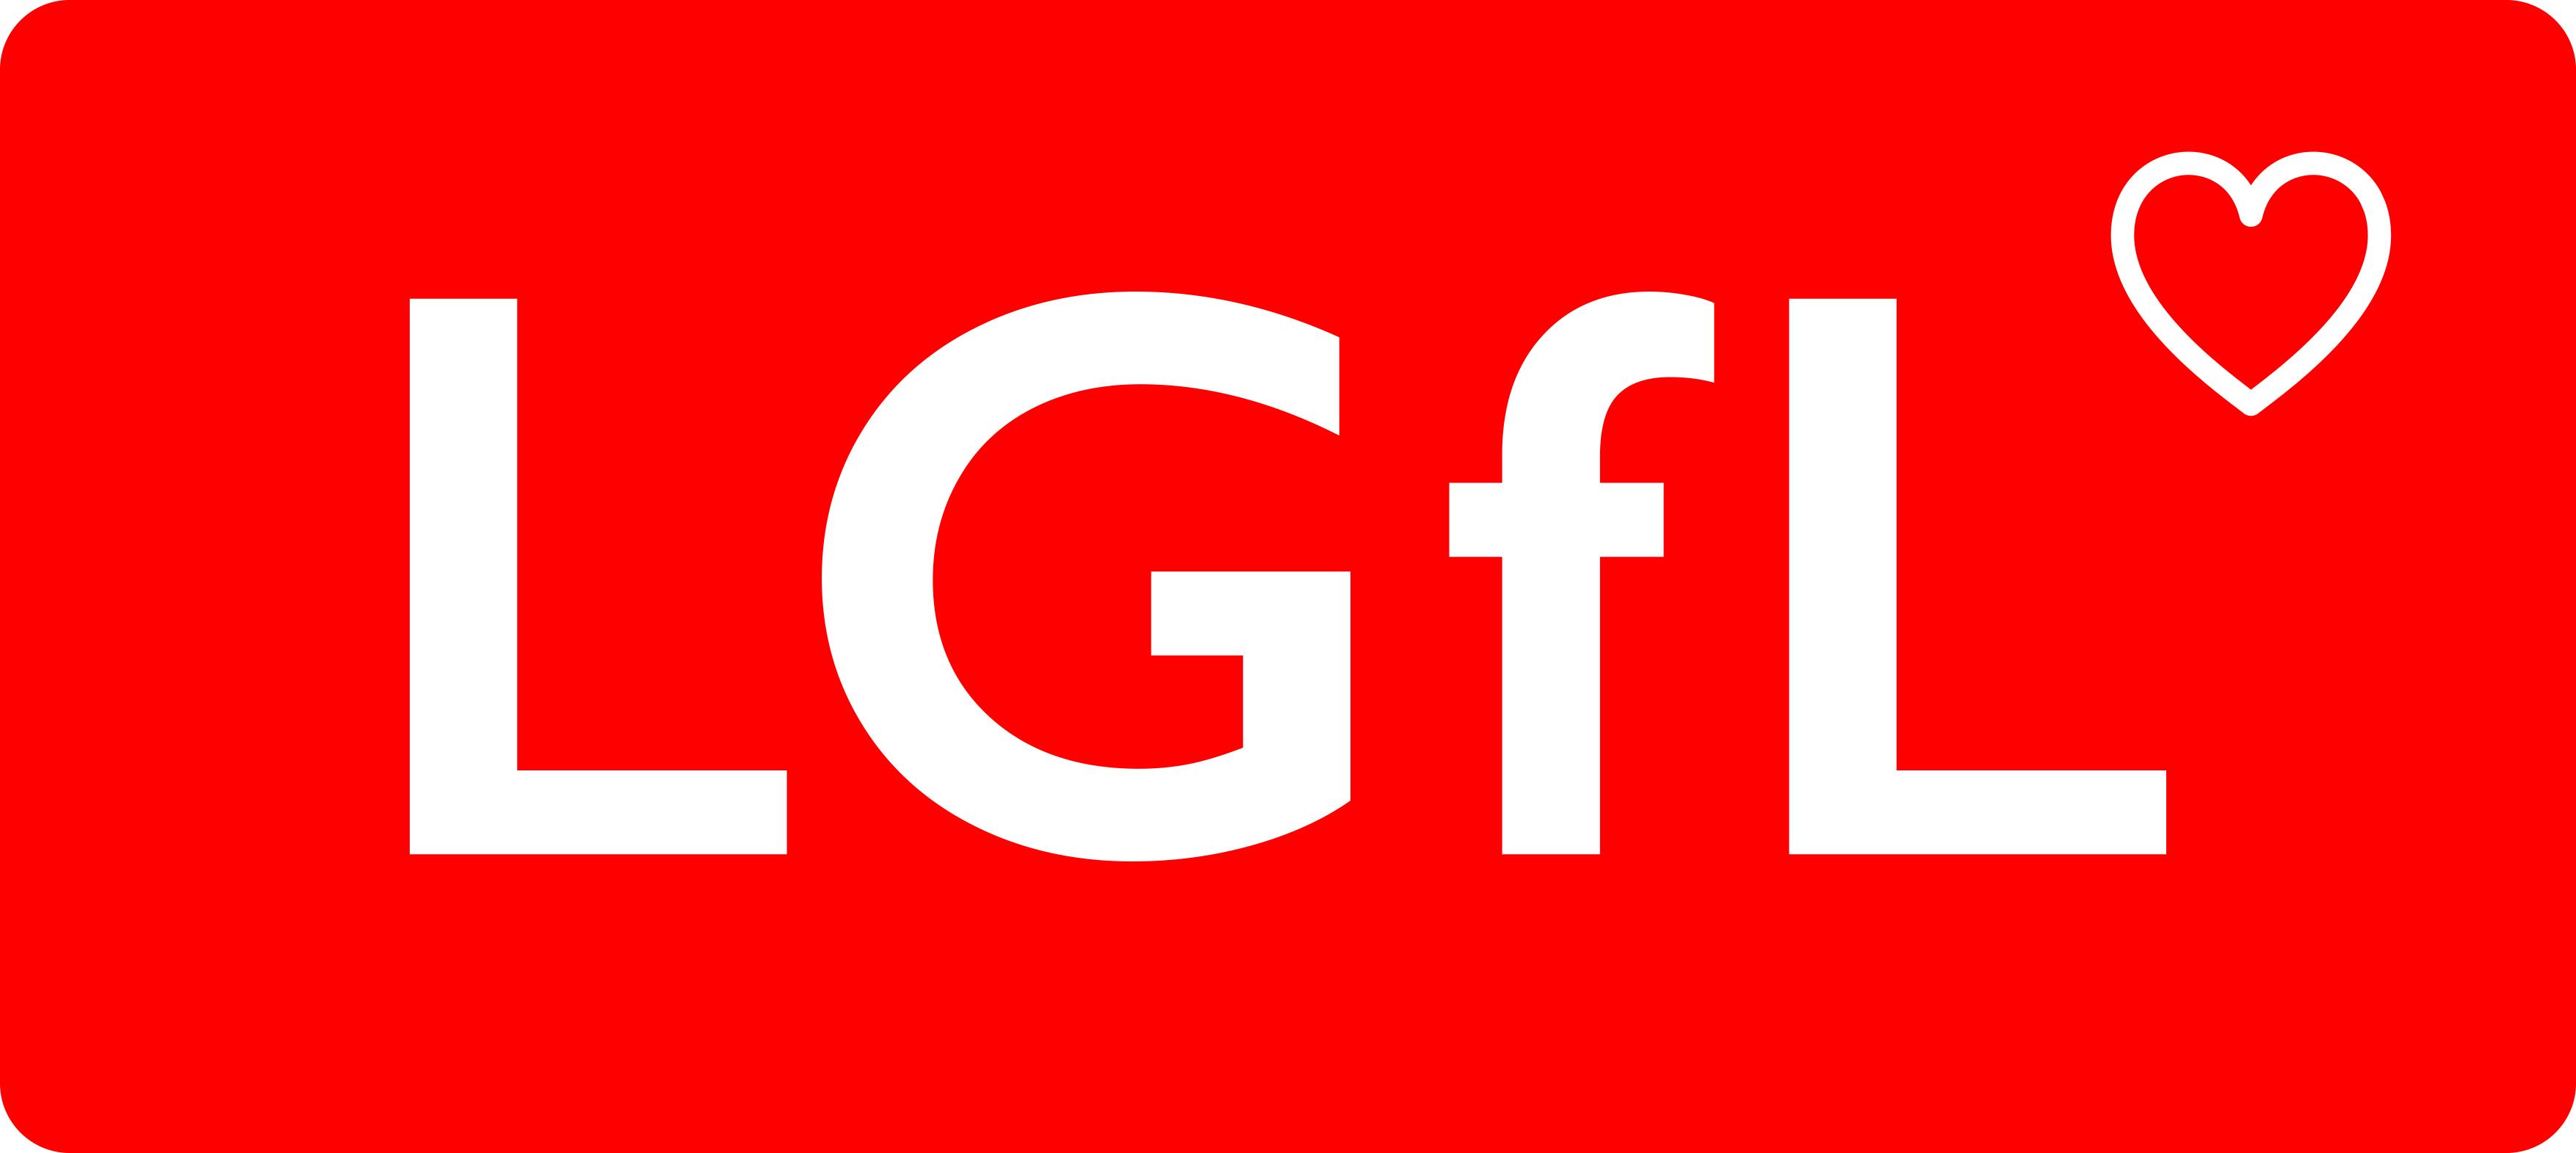 LGfL Logo